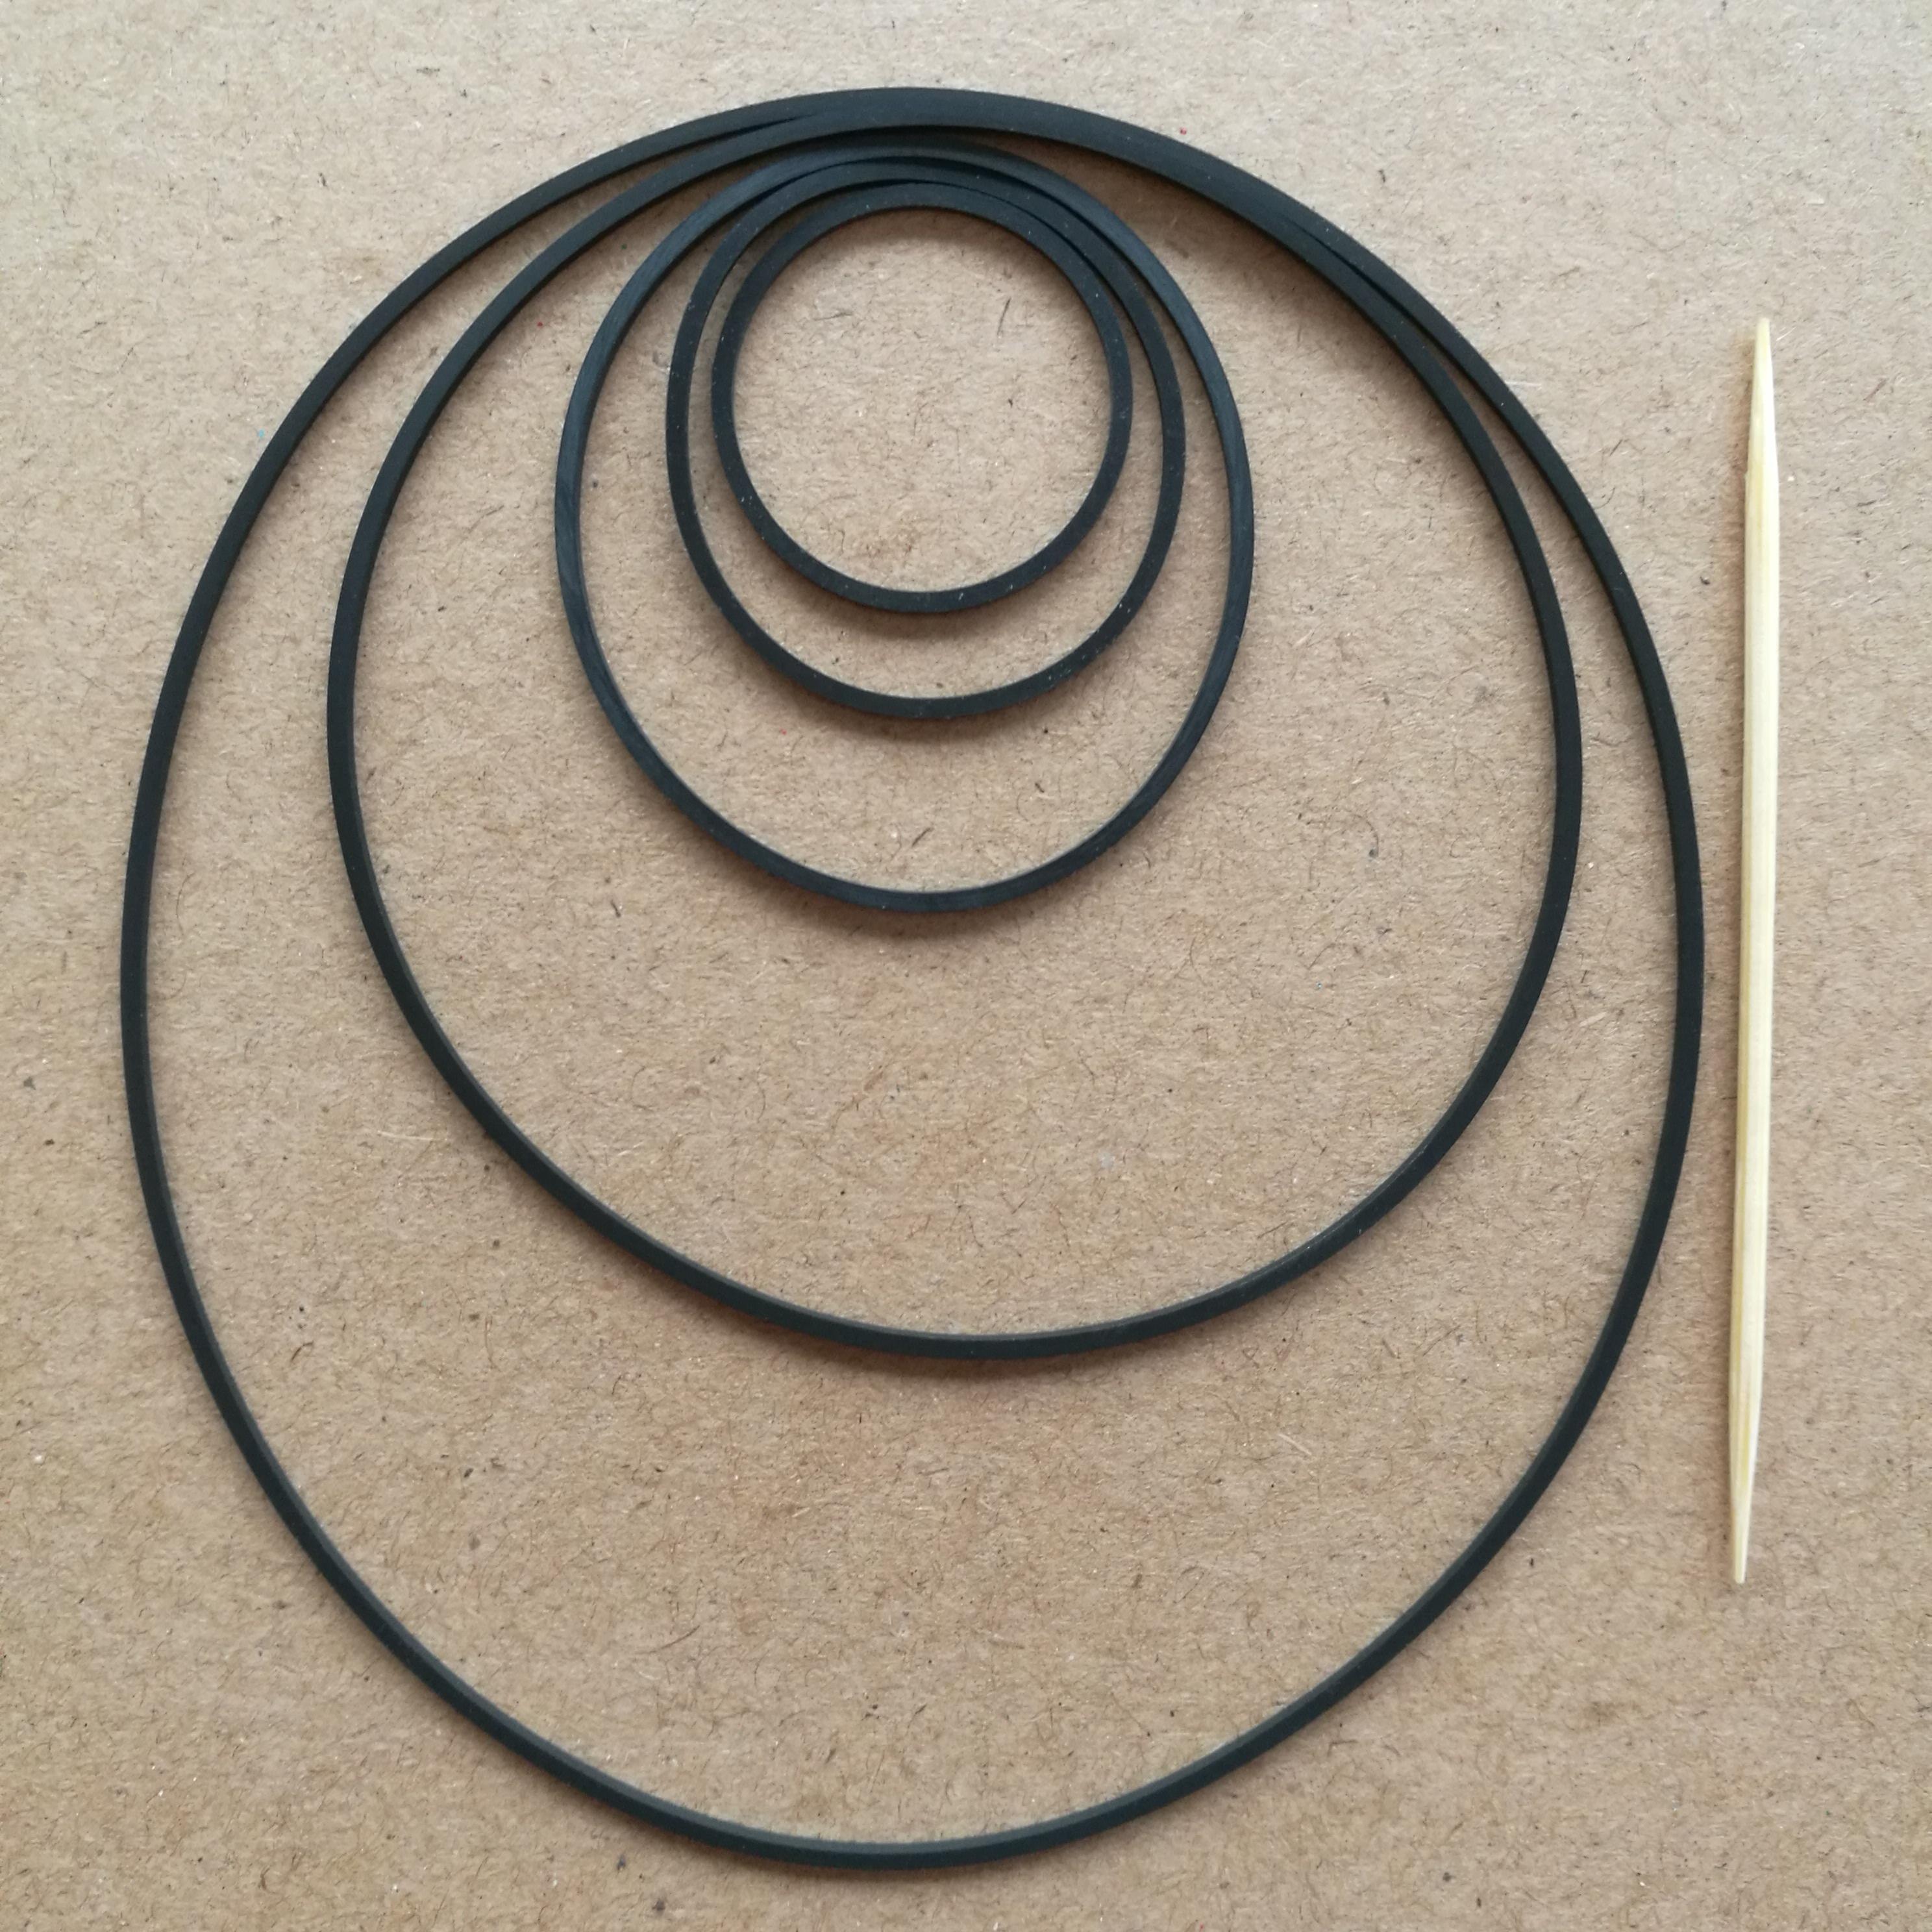 Вырезать поверхность 1mm передача группа запись машинально передача группа портативный слушать / комплекс читать машинально / палуба / счетчик кожаный ремень